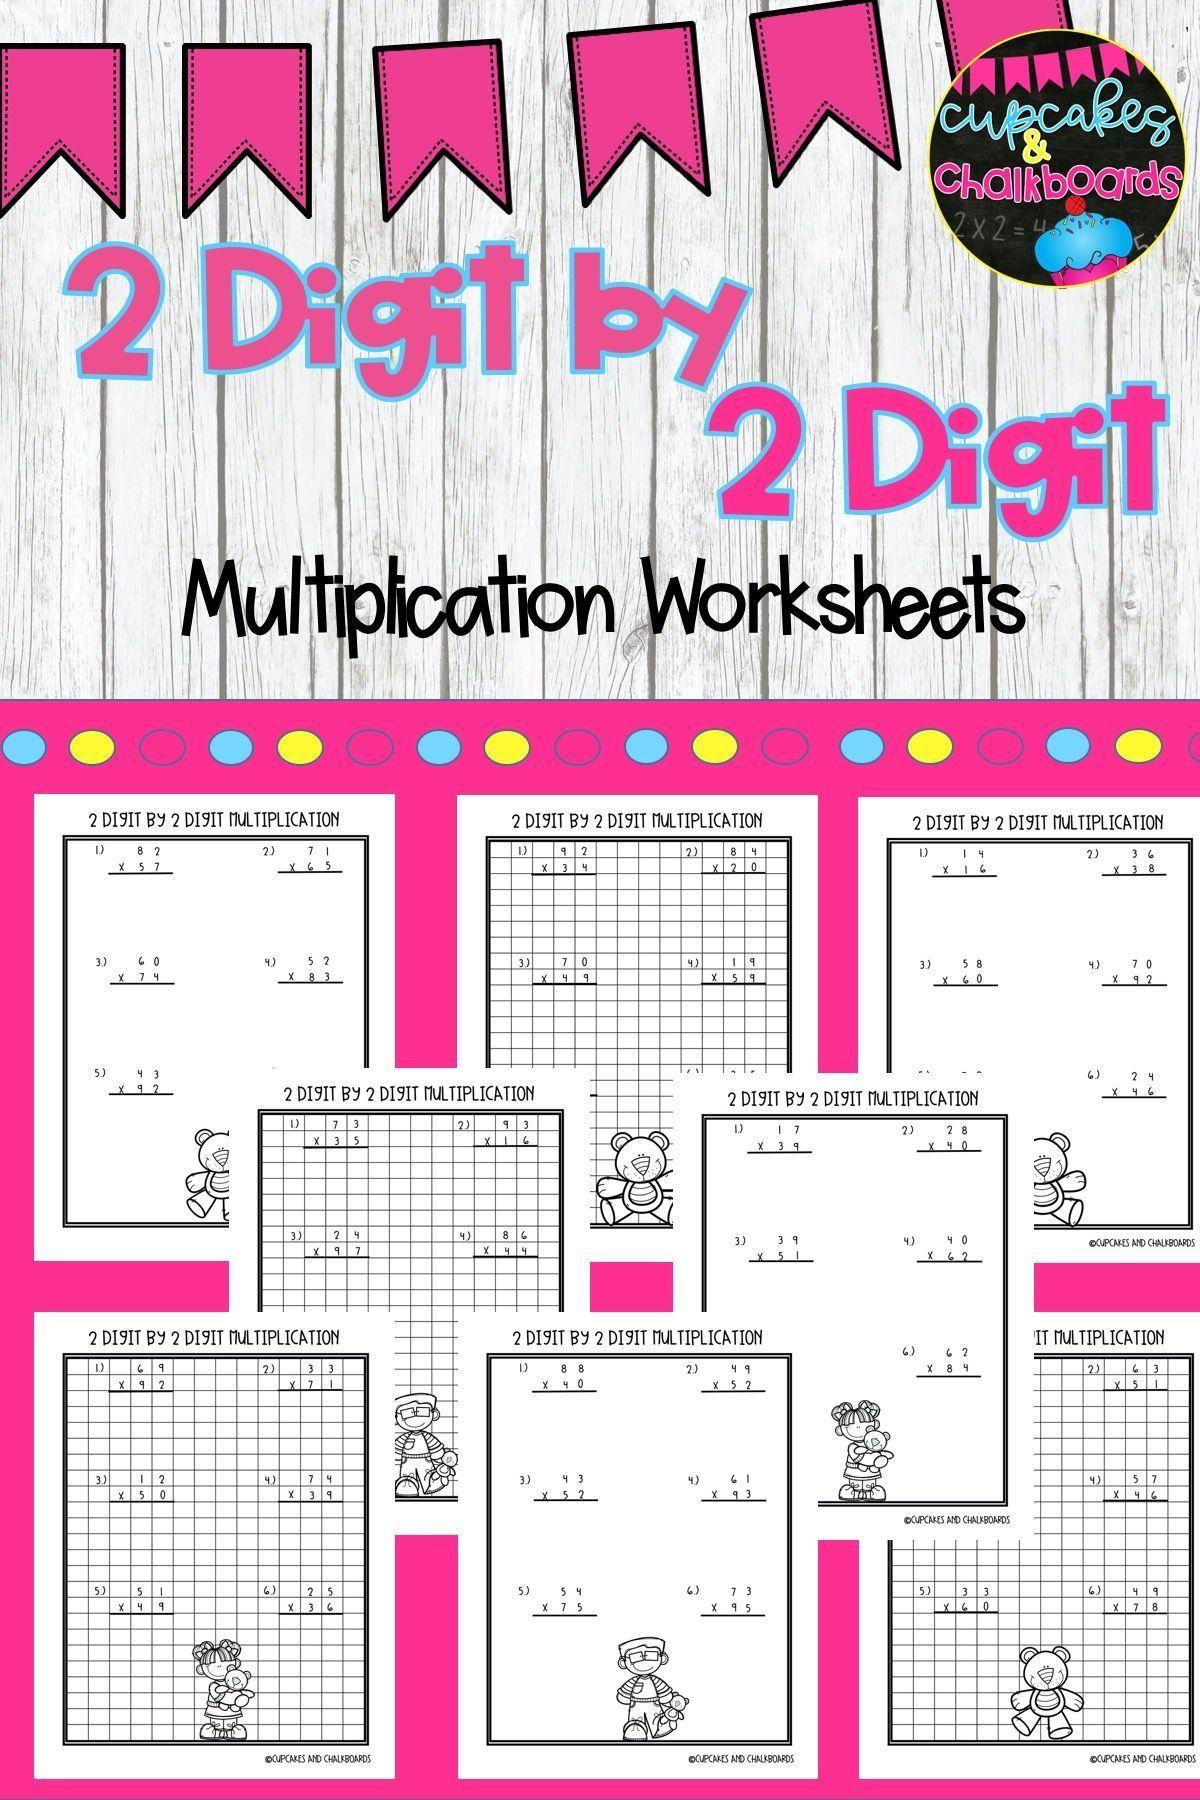 2 Digit By 2 Digit Multiplication Worksheets In